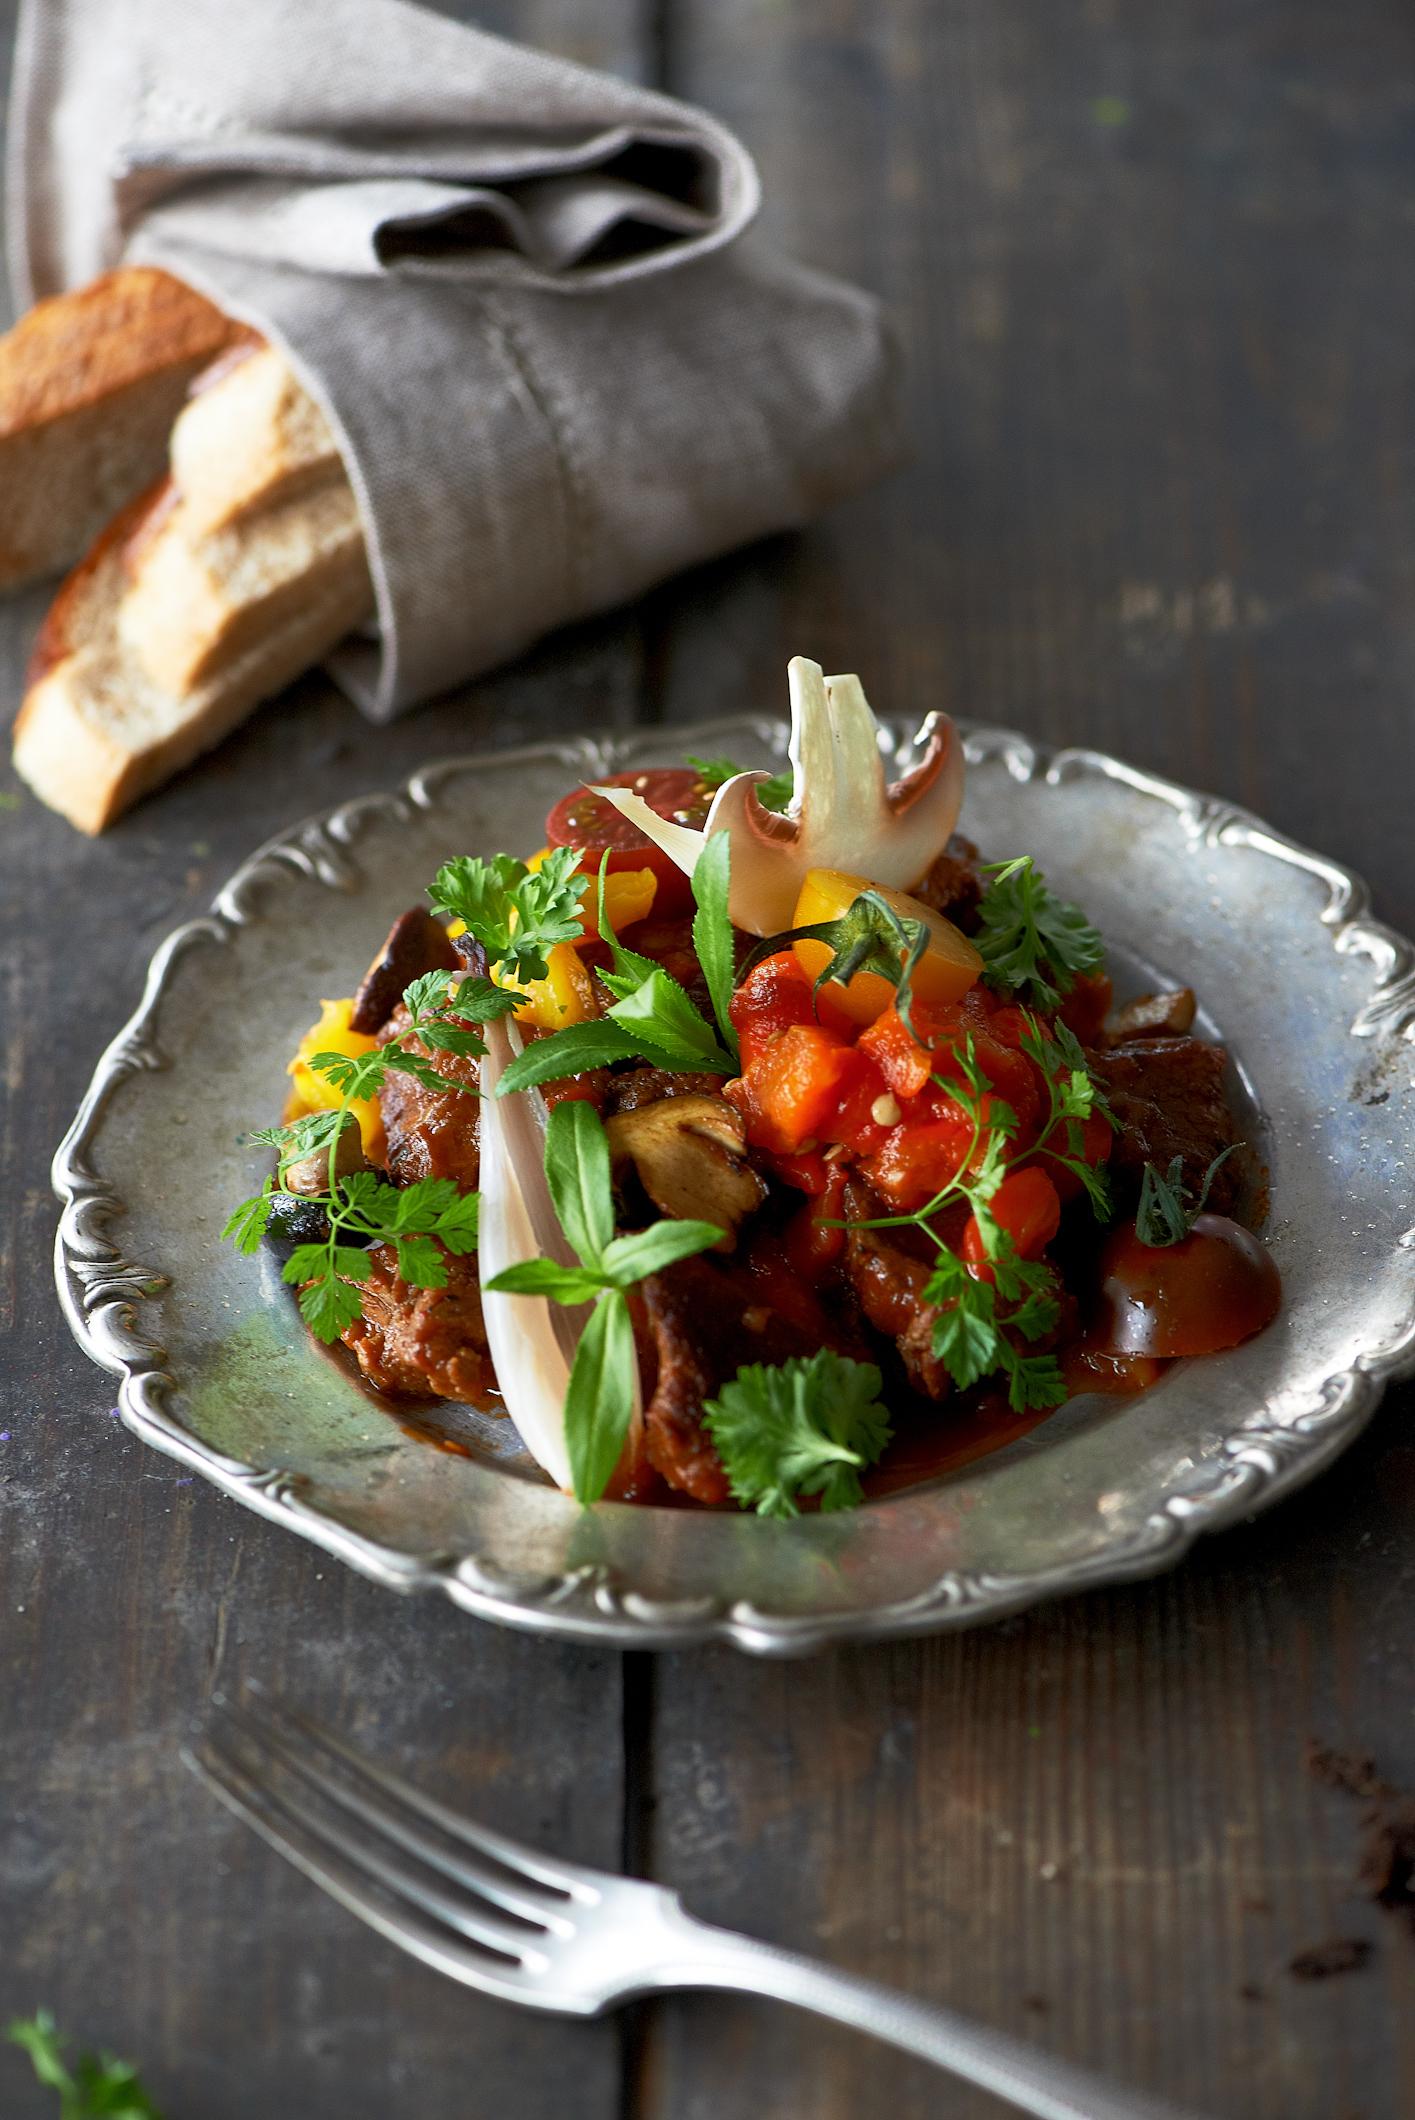 Szponder wołowy duszony z warzywami grzybami i świeżymi ziołami